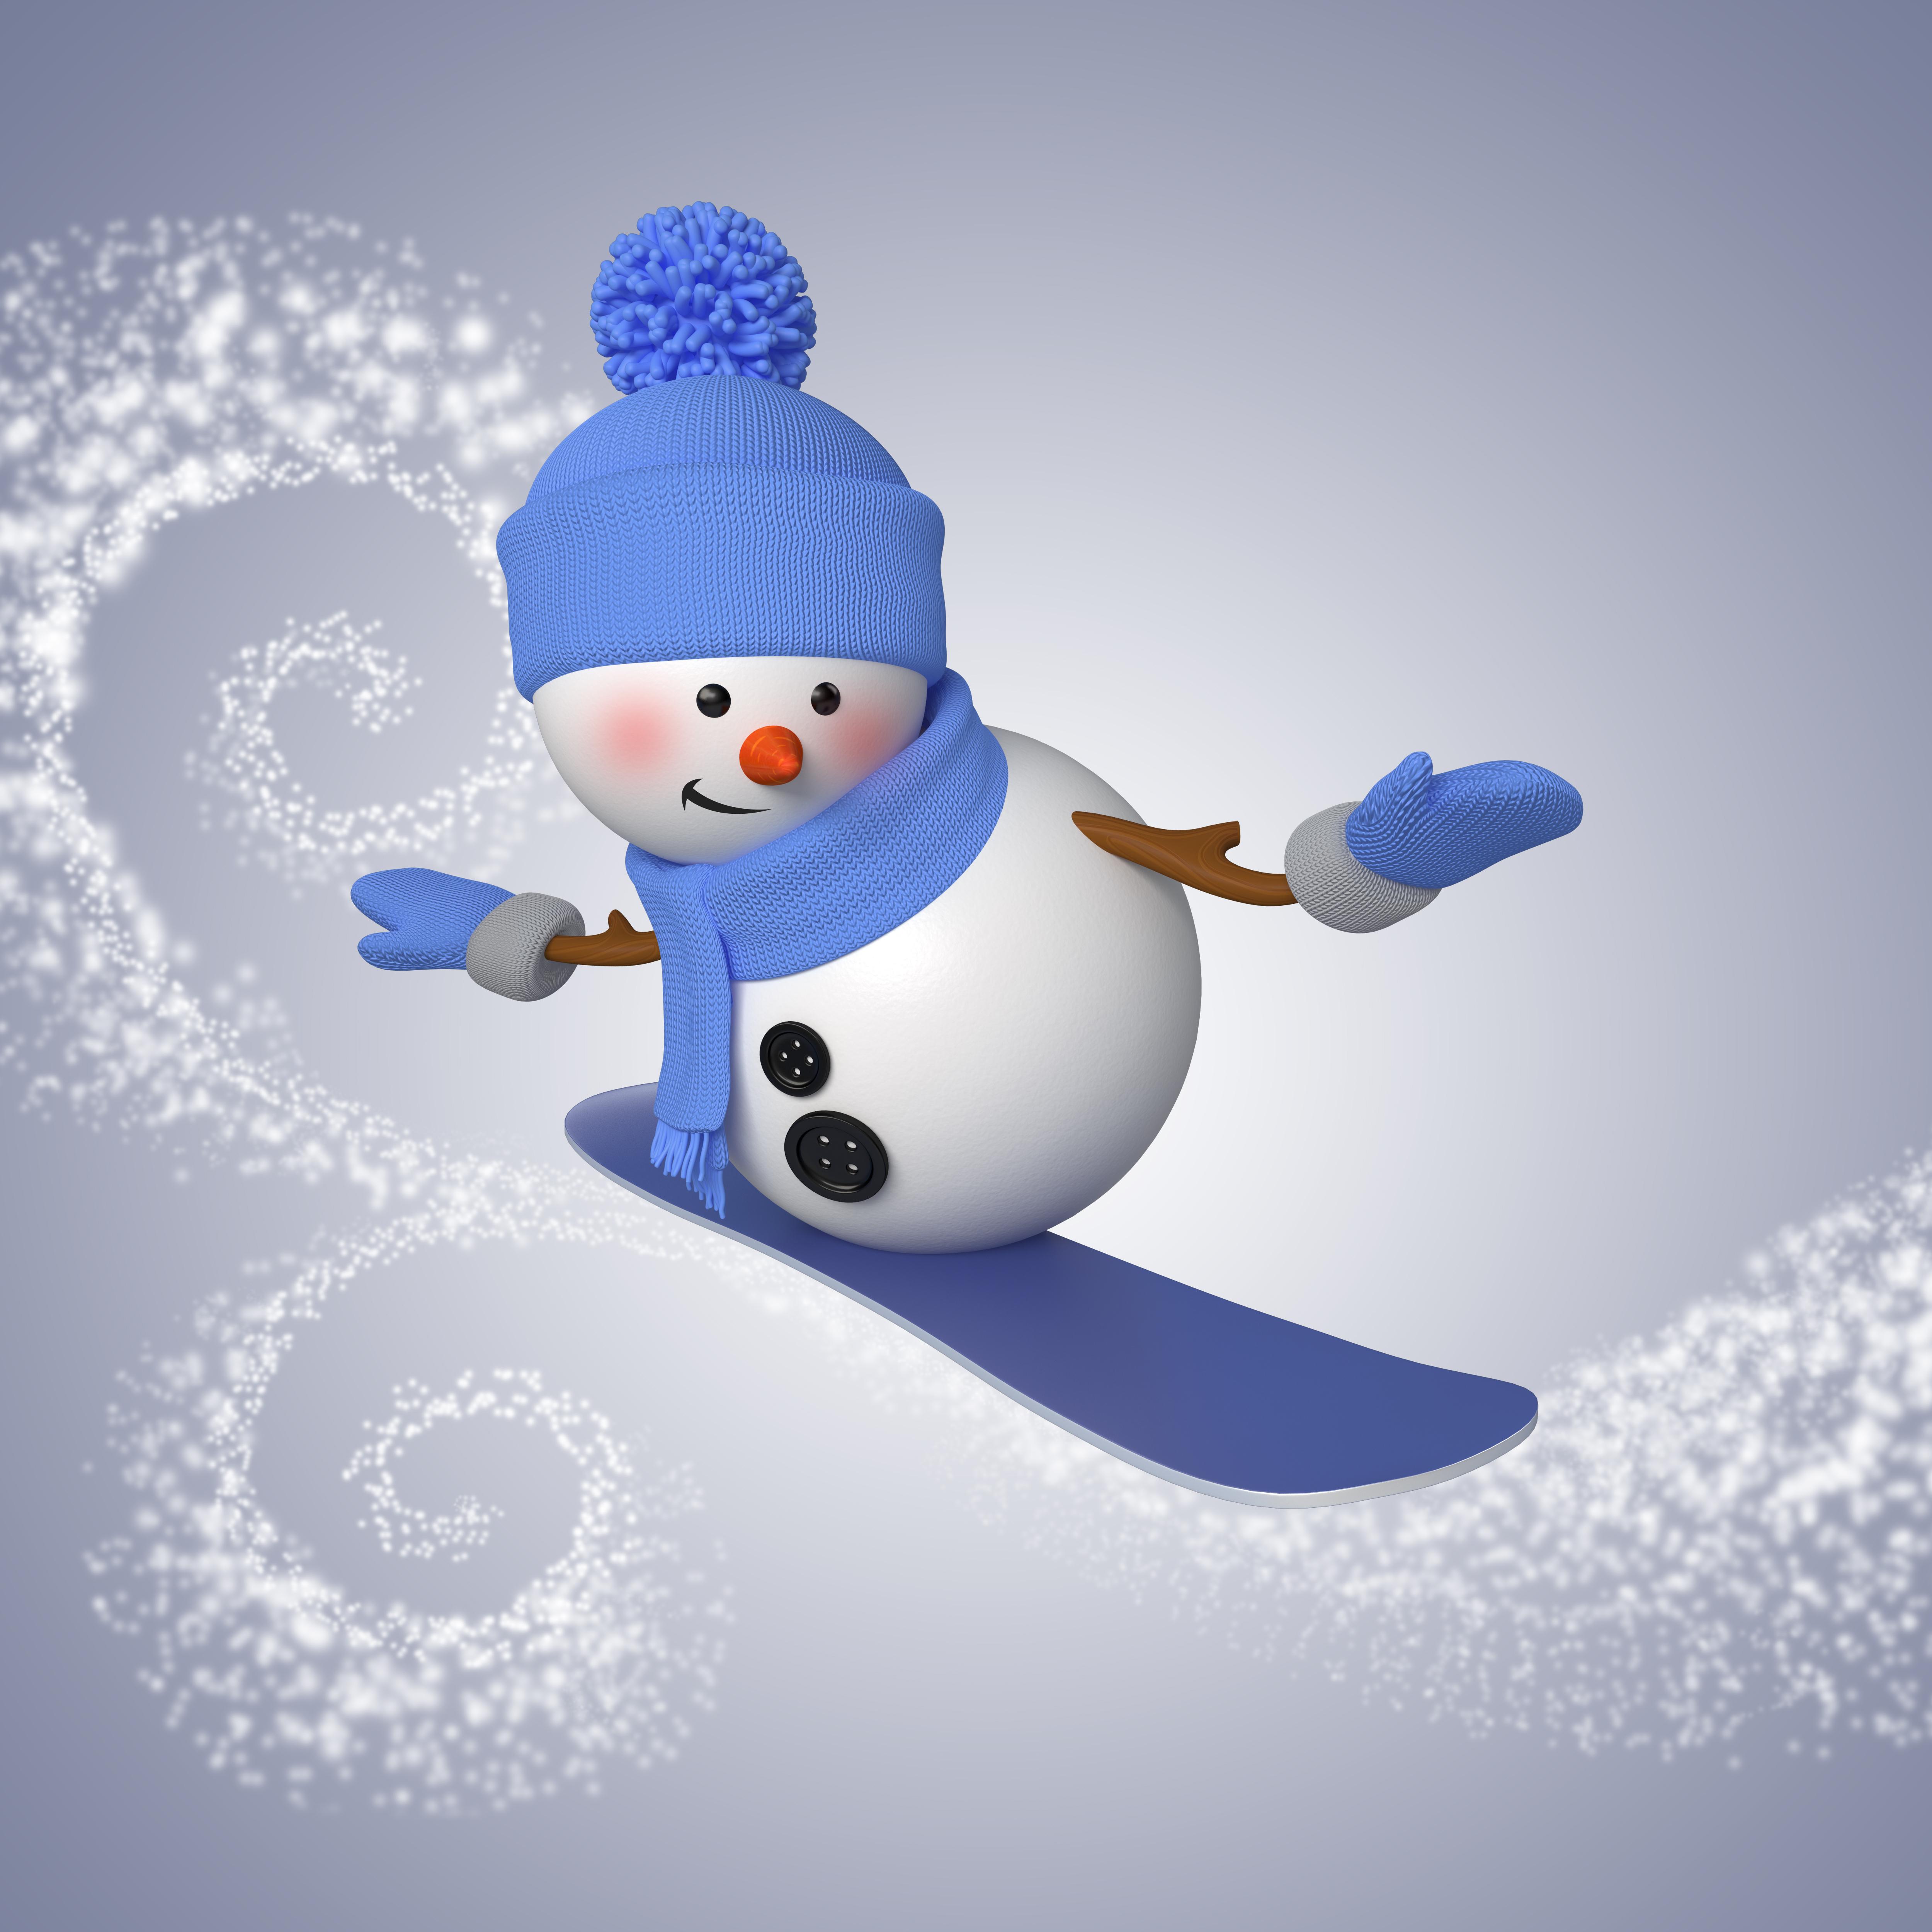 розовым скворцом посмотреть картинки снеговика примером тому